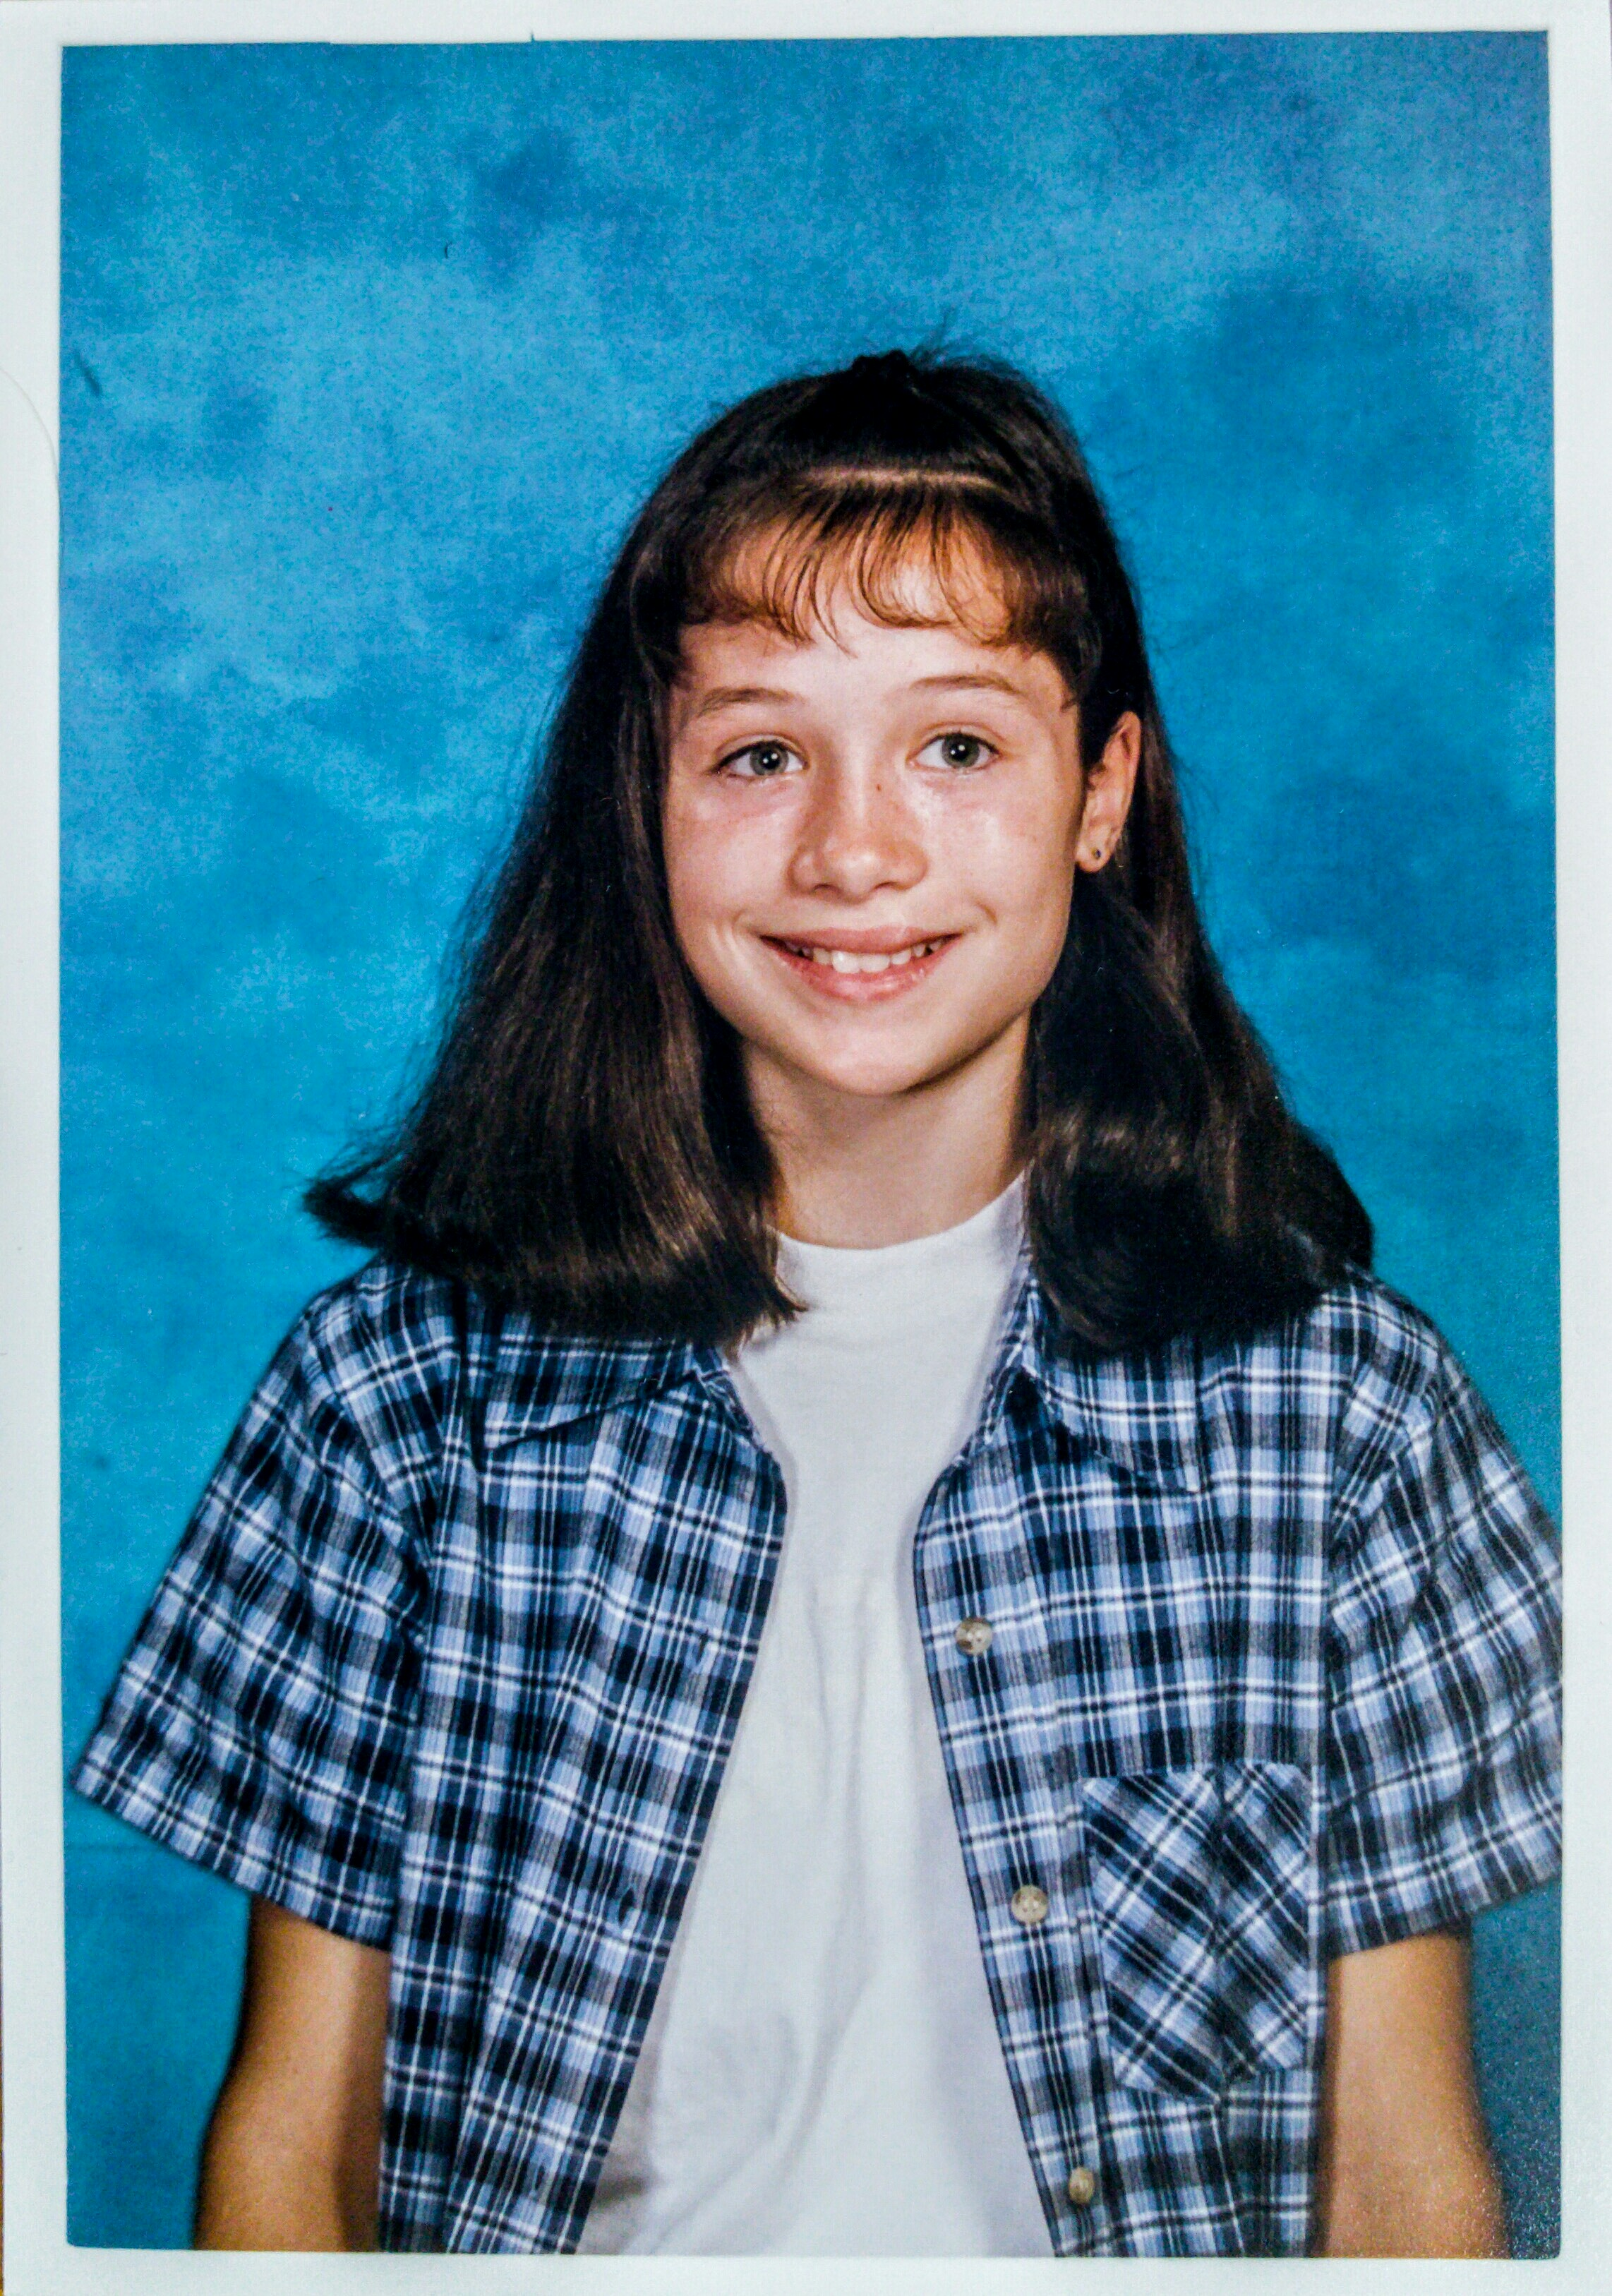 6th grade Lisa